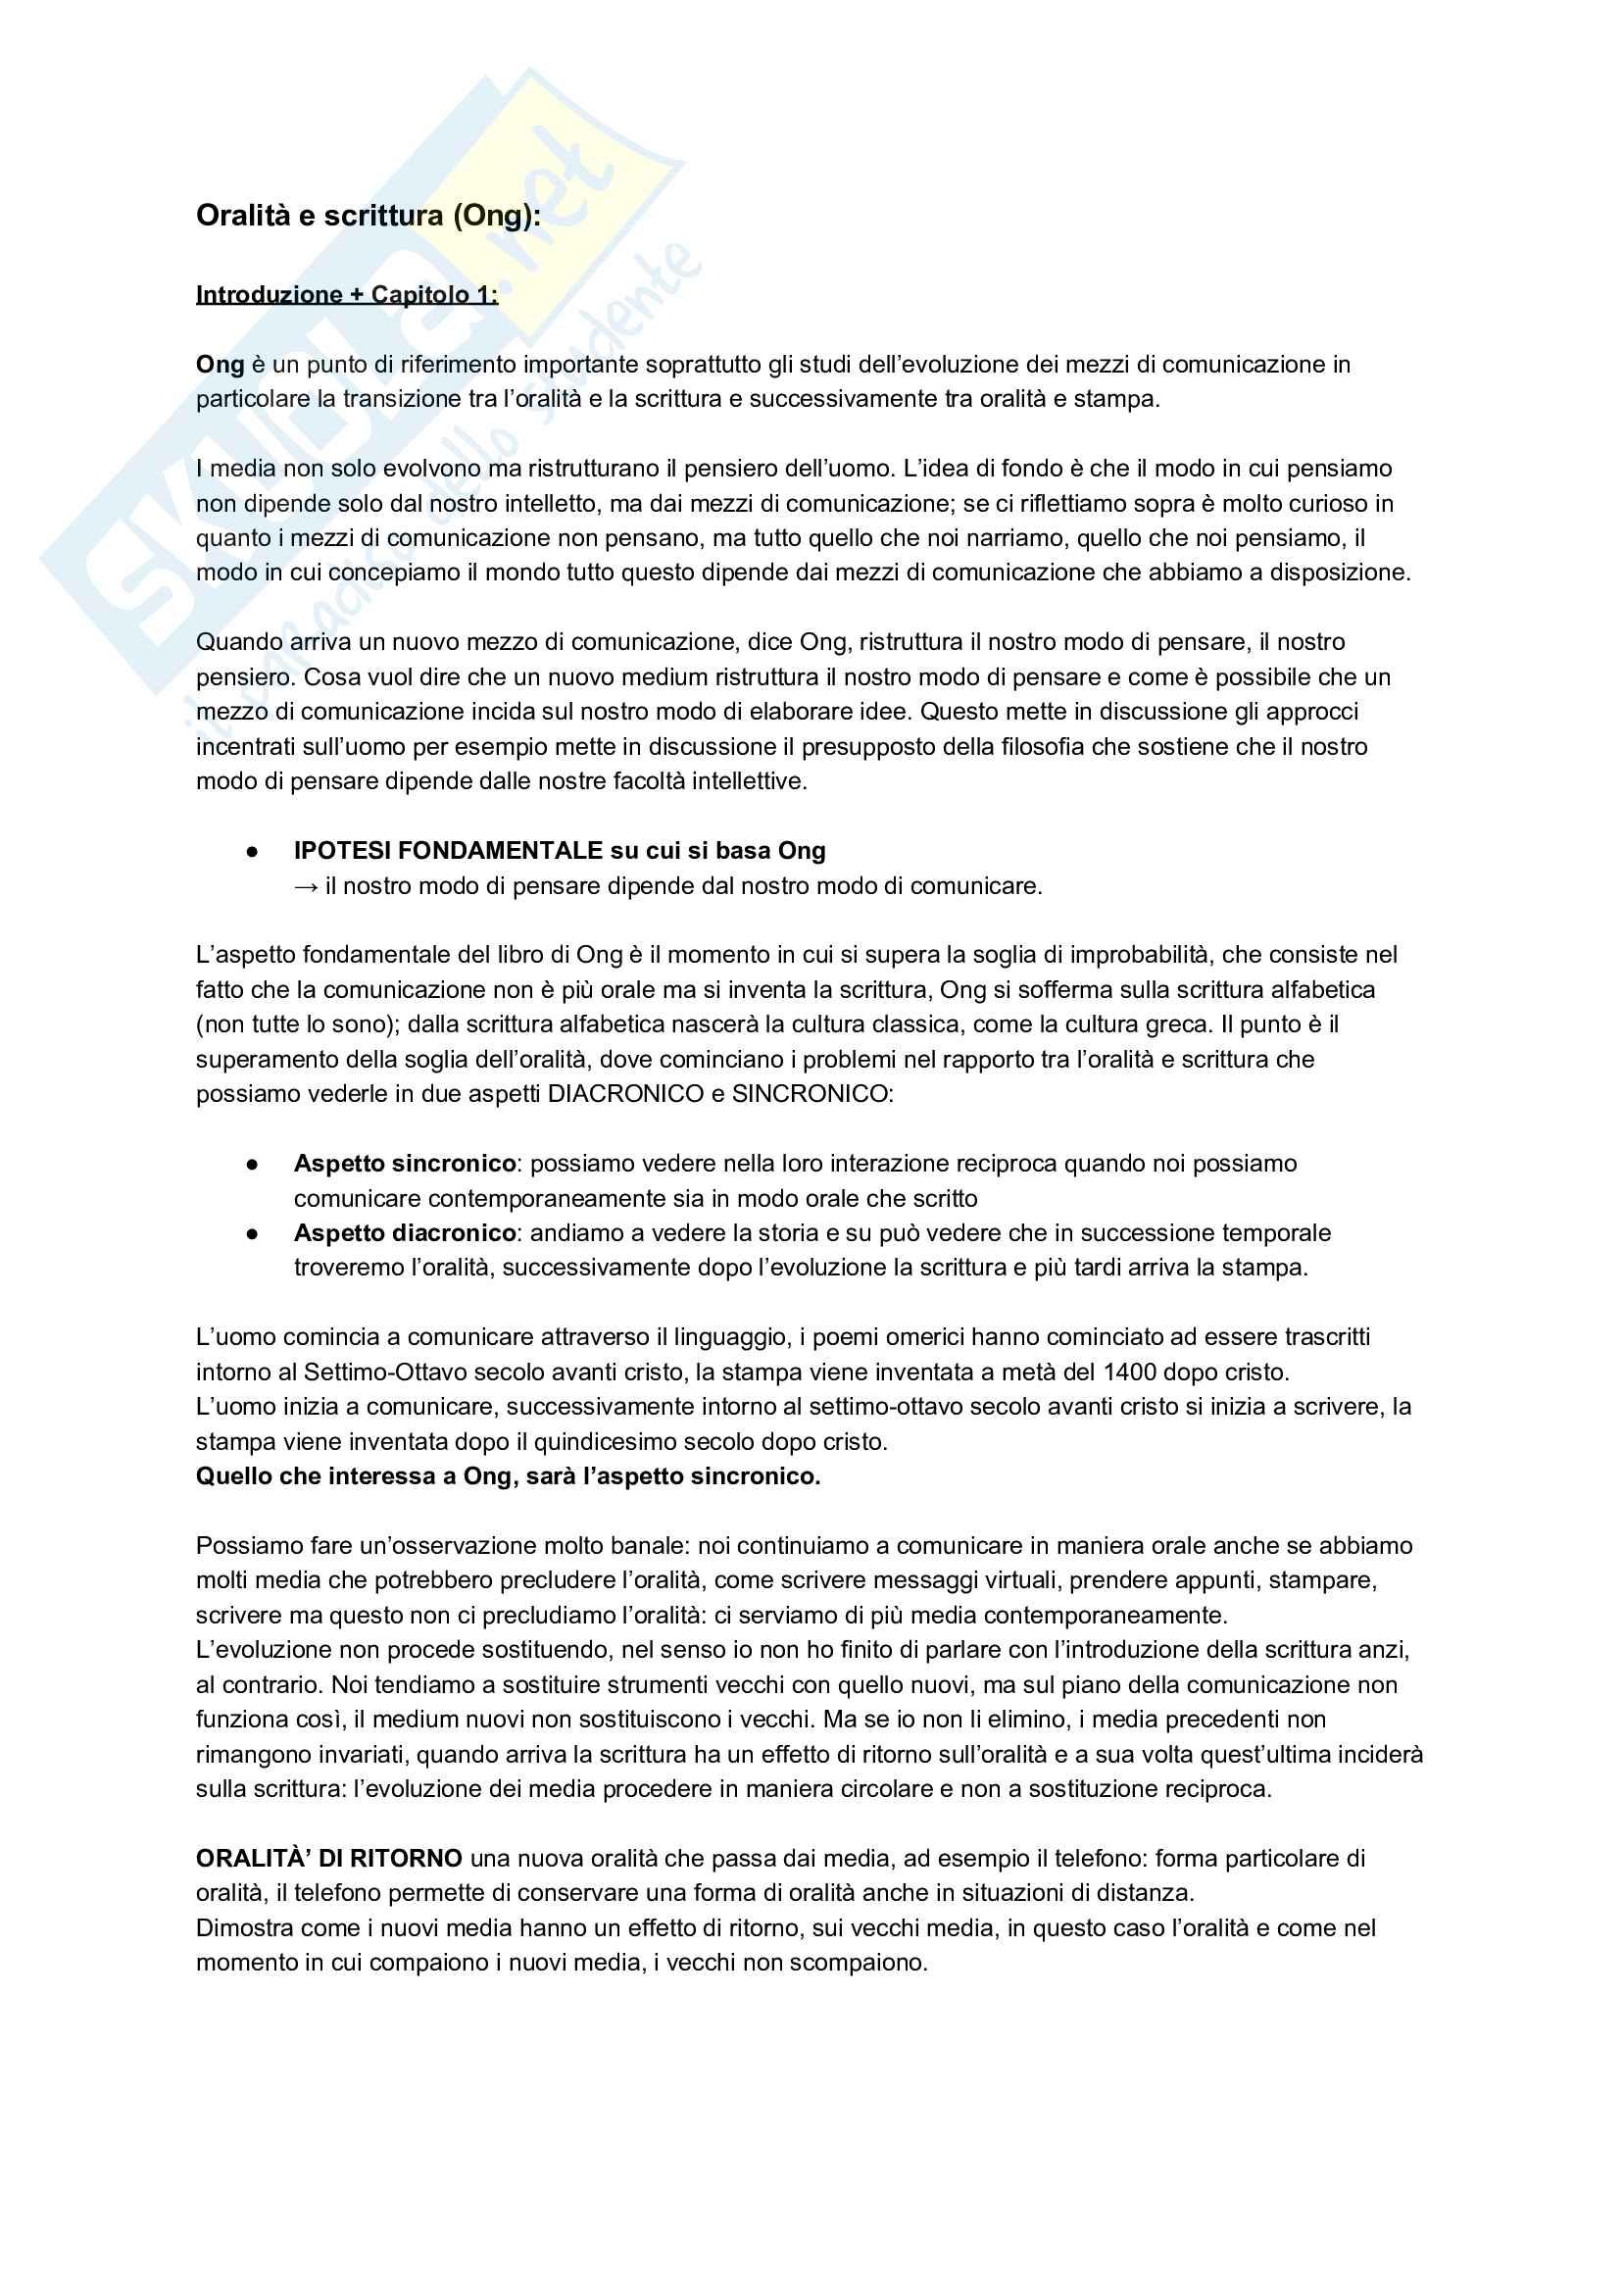 Appunti - Sociologia della Comunicazione (Libro consigliato: Oralità e Scrittura, W.J. Ong)